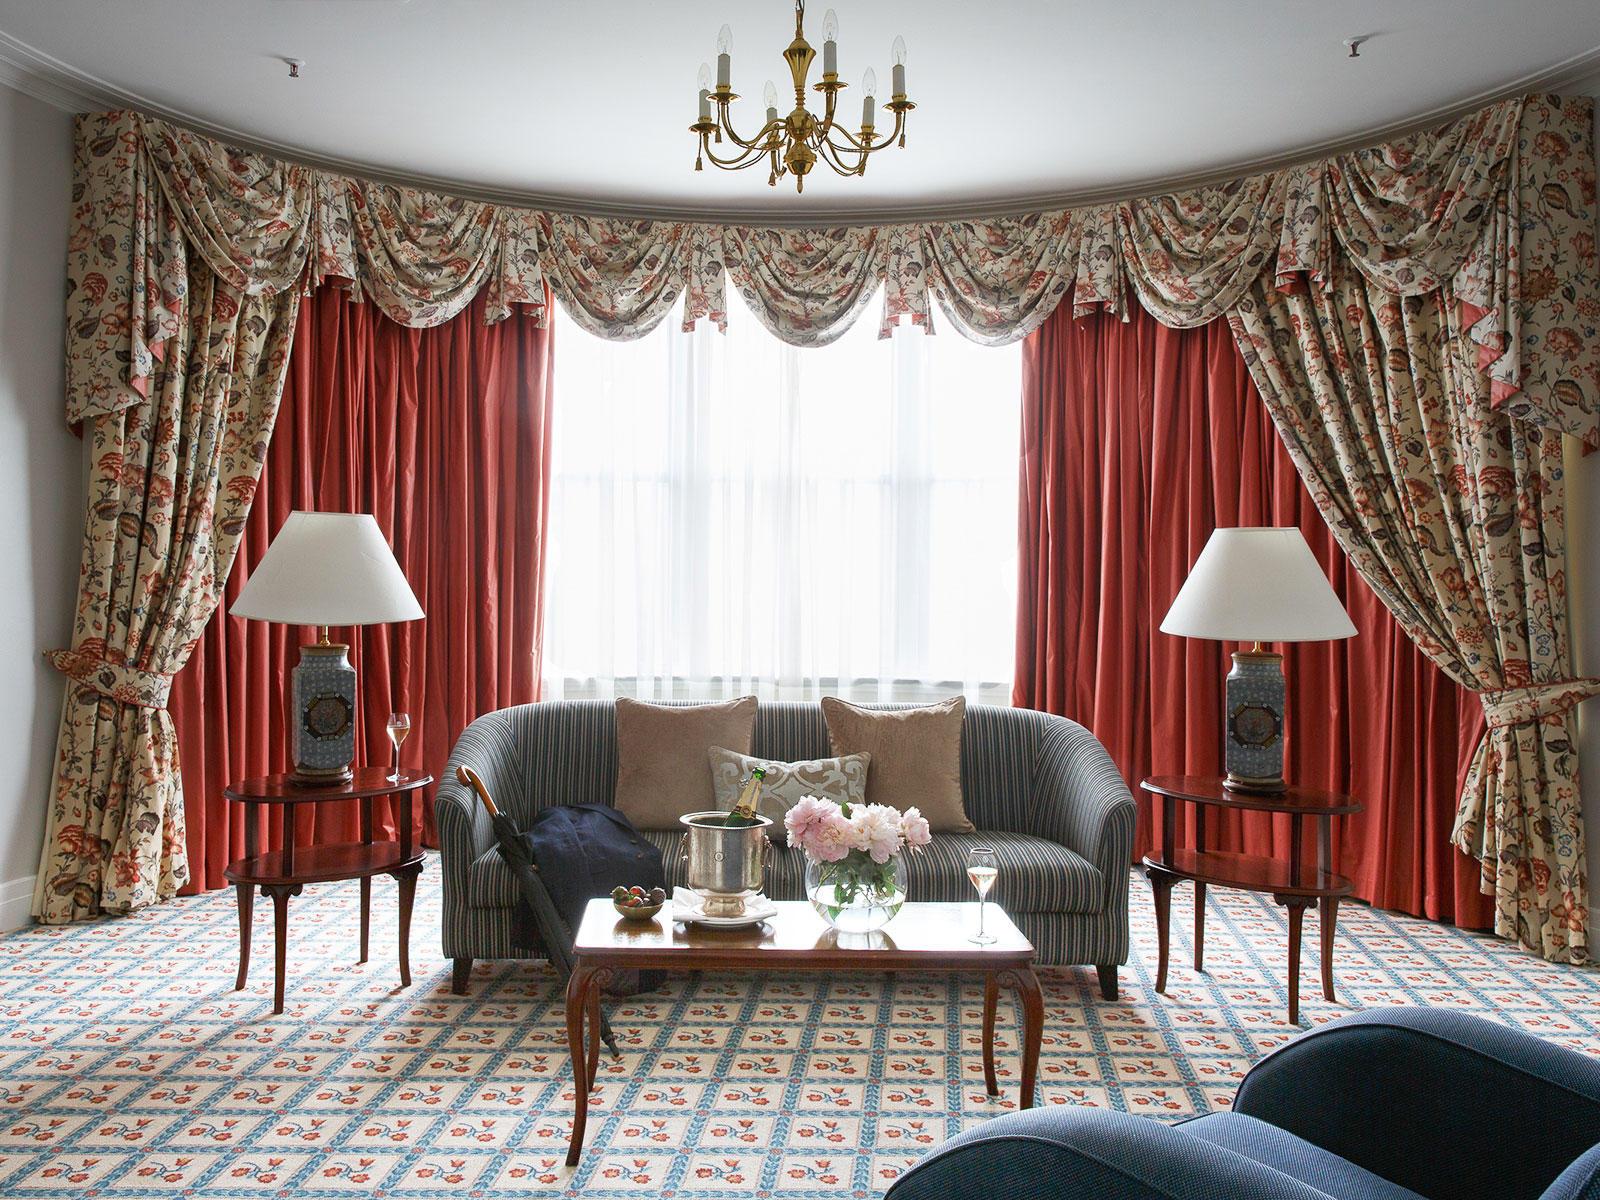 Windsor Suite Living Room at The Hotel Windsor Melbourne